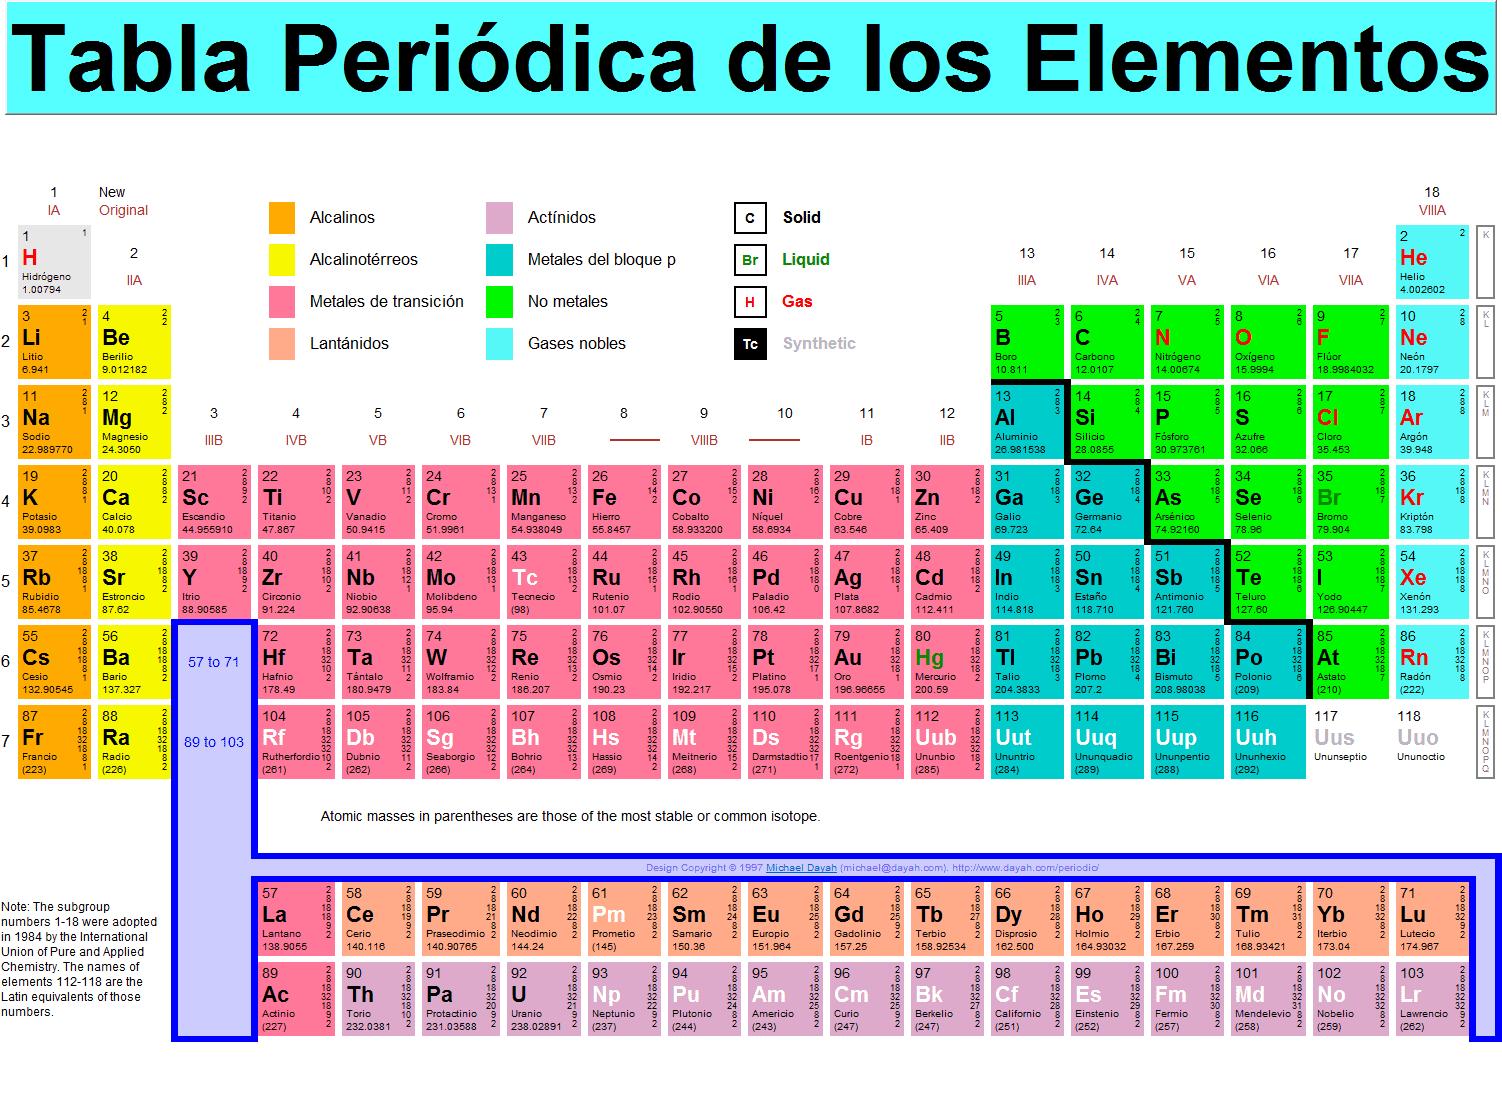 Clauxiogil tabla periodica tambin se consolid en esos aos la nueva concepcin de elemento que condujo aantoine lavoisier a escribir su famosa lista de sustancias simples urtaz Choice Image